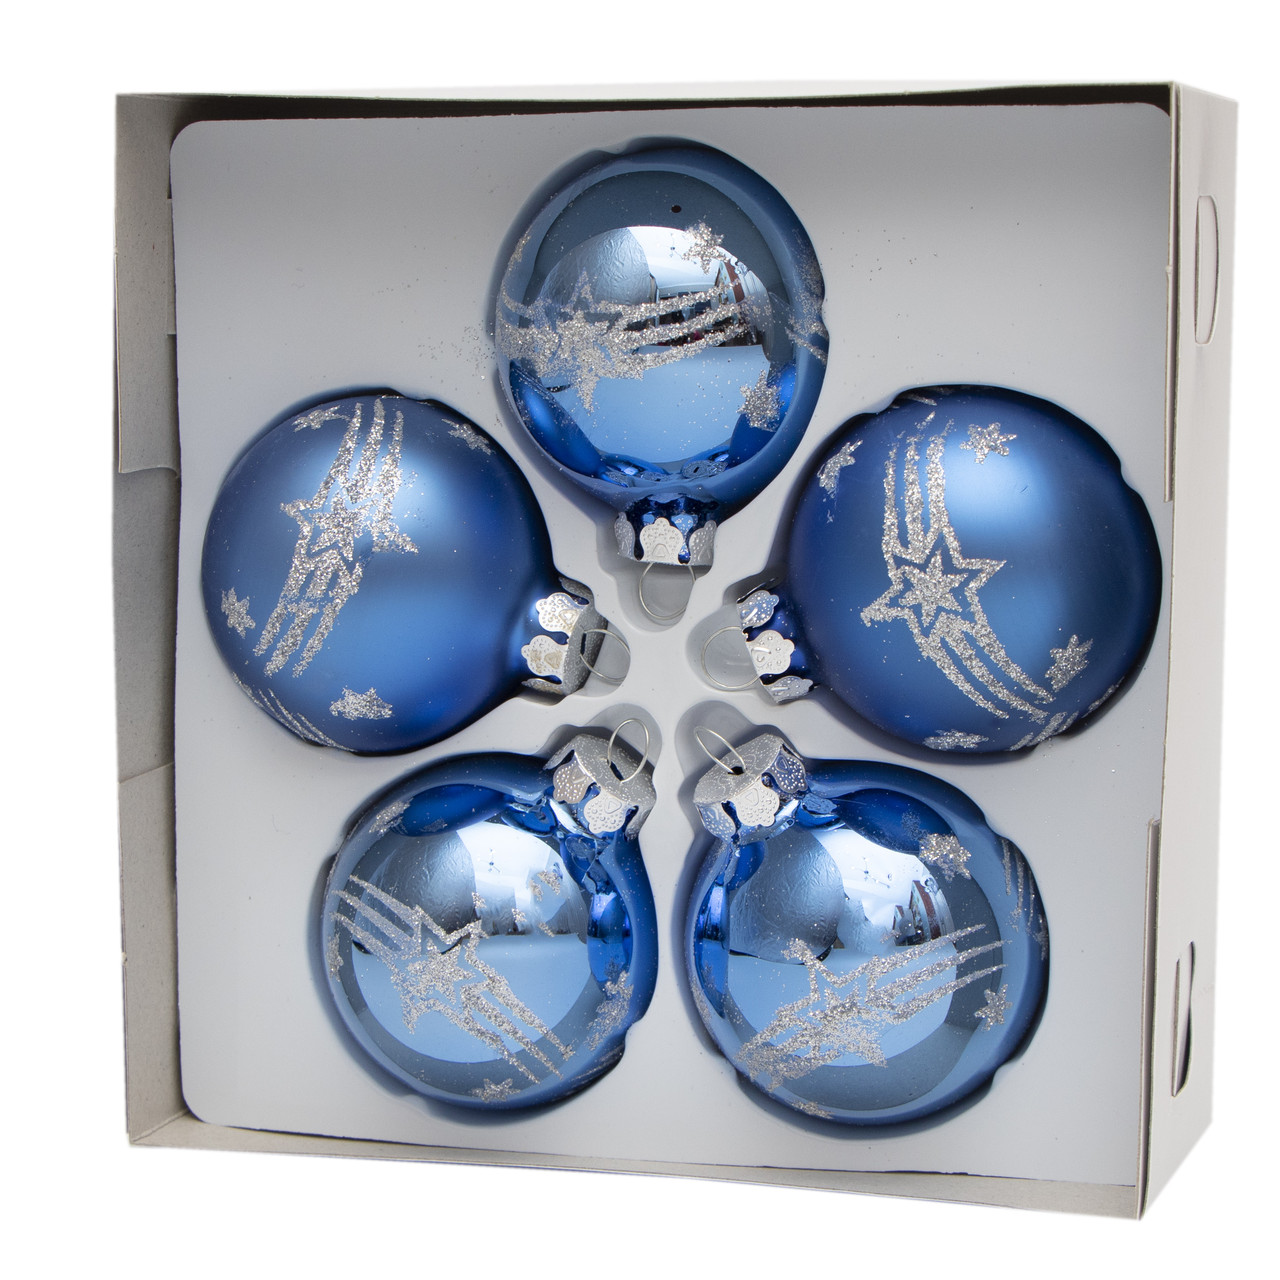 Набор елочных игрушек - шары с декором, 5 шт, D6 см, синий, звезды, стекло (390304-16)